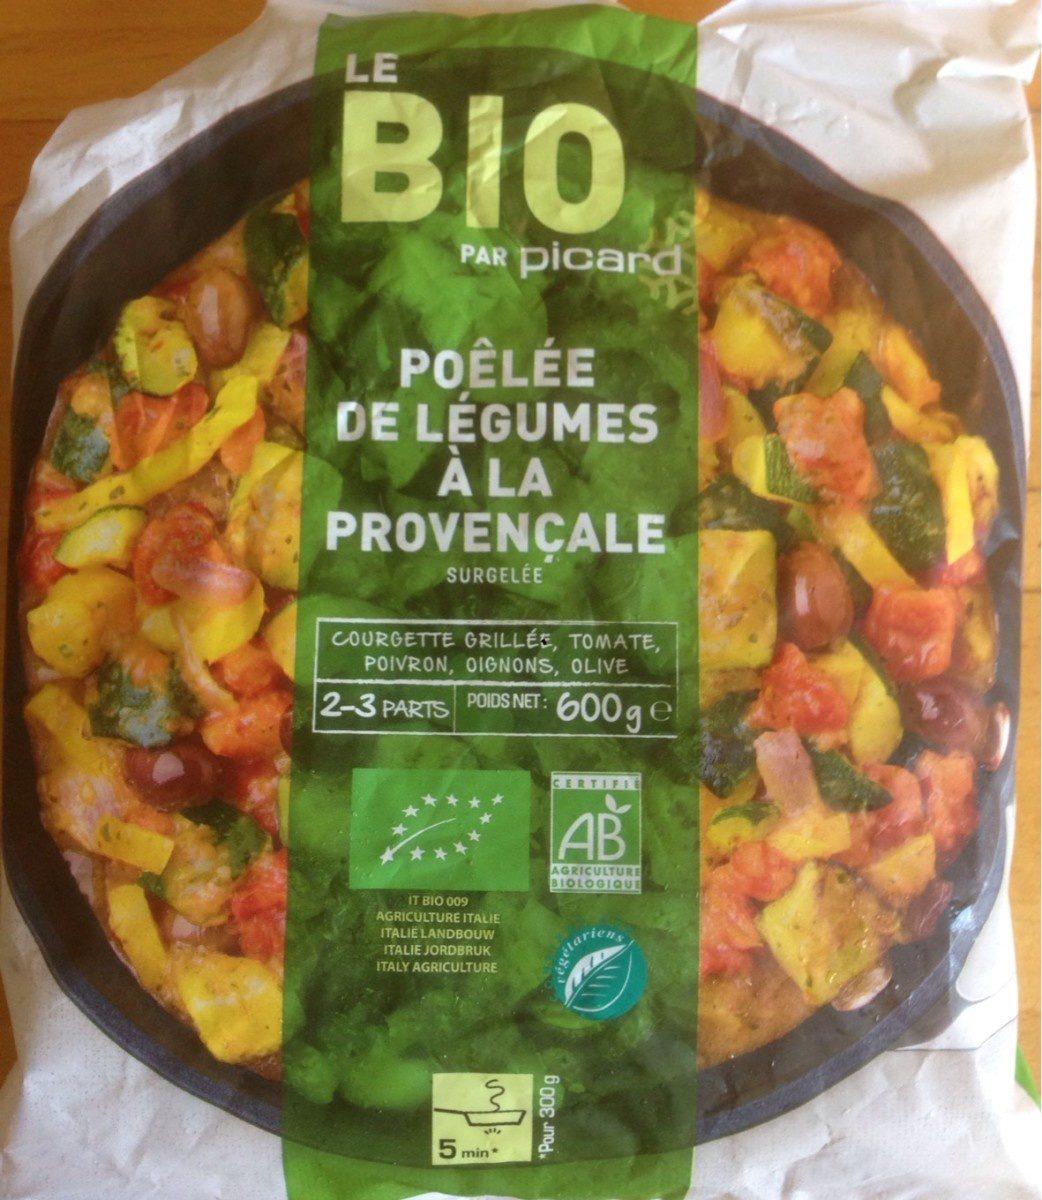 ace8be2068d Poêlée de légumes à la provençale - Picard - 600 g